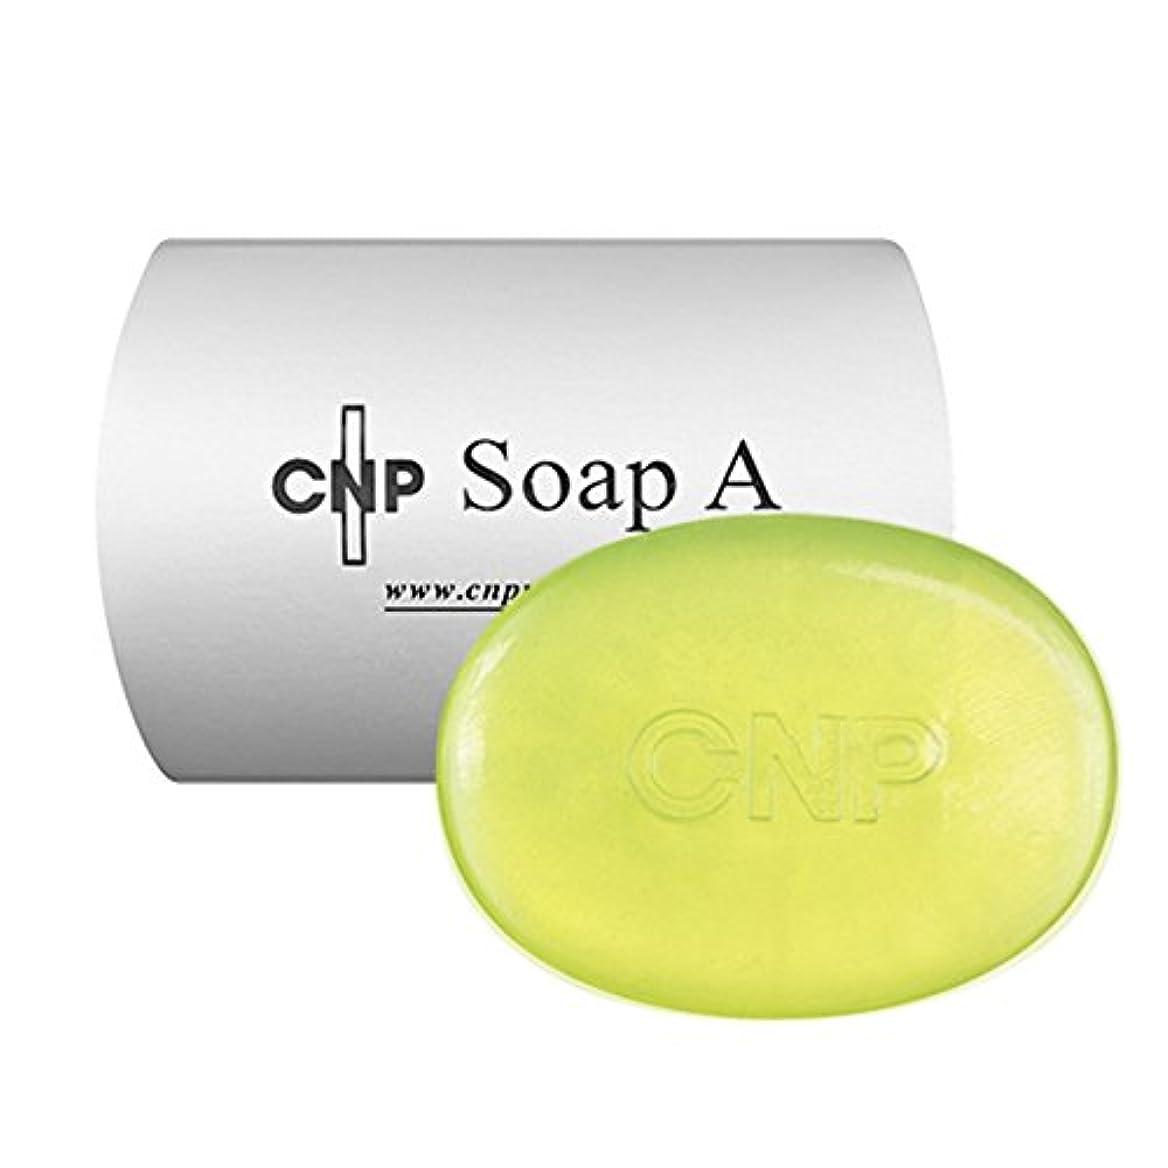 フリル被害者霊CNP Soap A チャアンドパク ソープ A [並行輸入品]